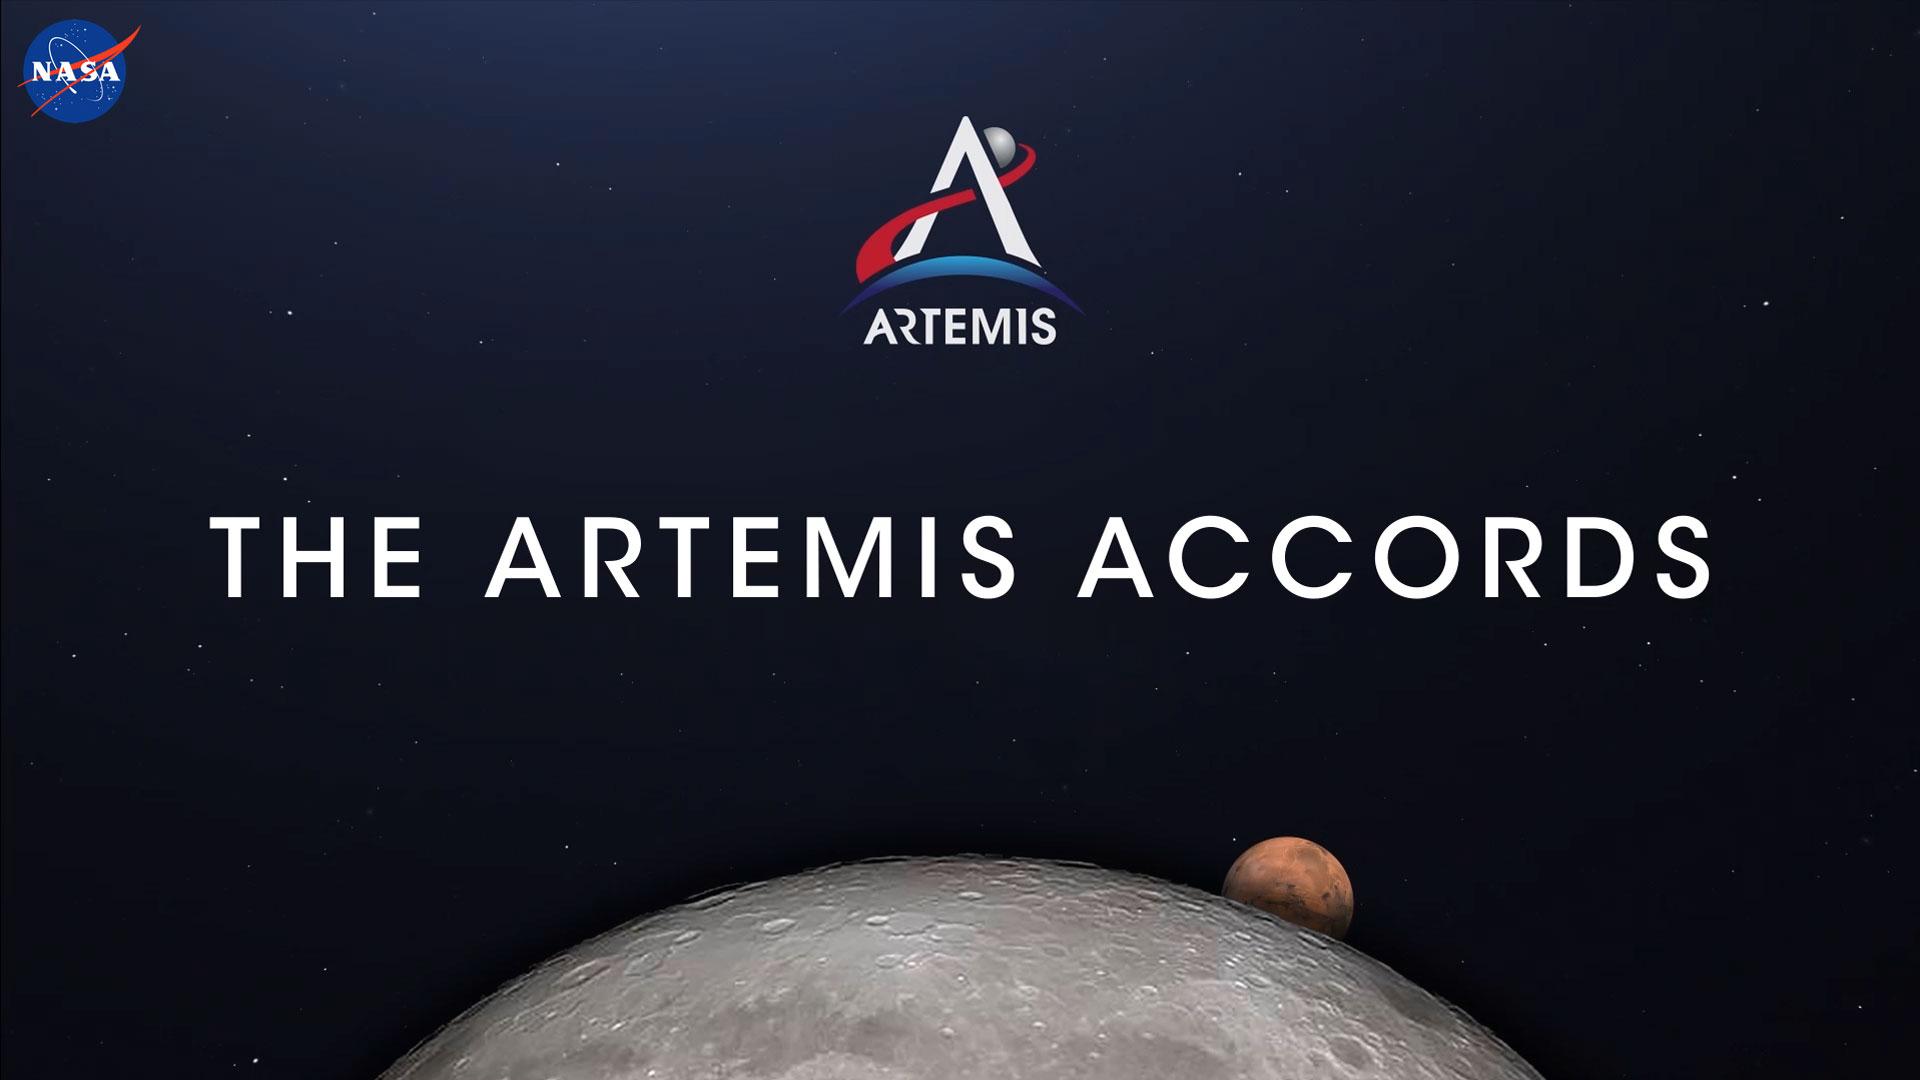 ASI - L'Agenzia Spaziale Italiana ti porta sulla Luna